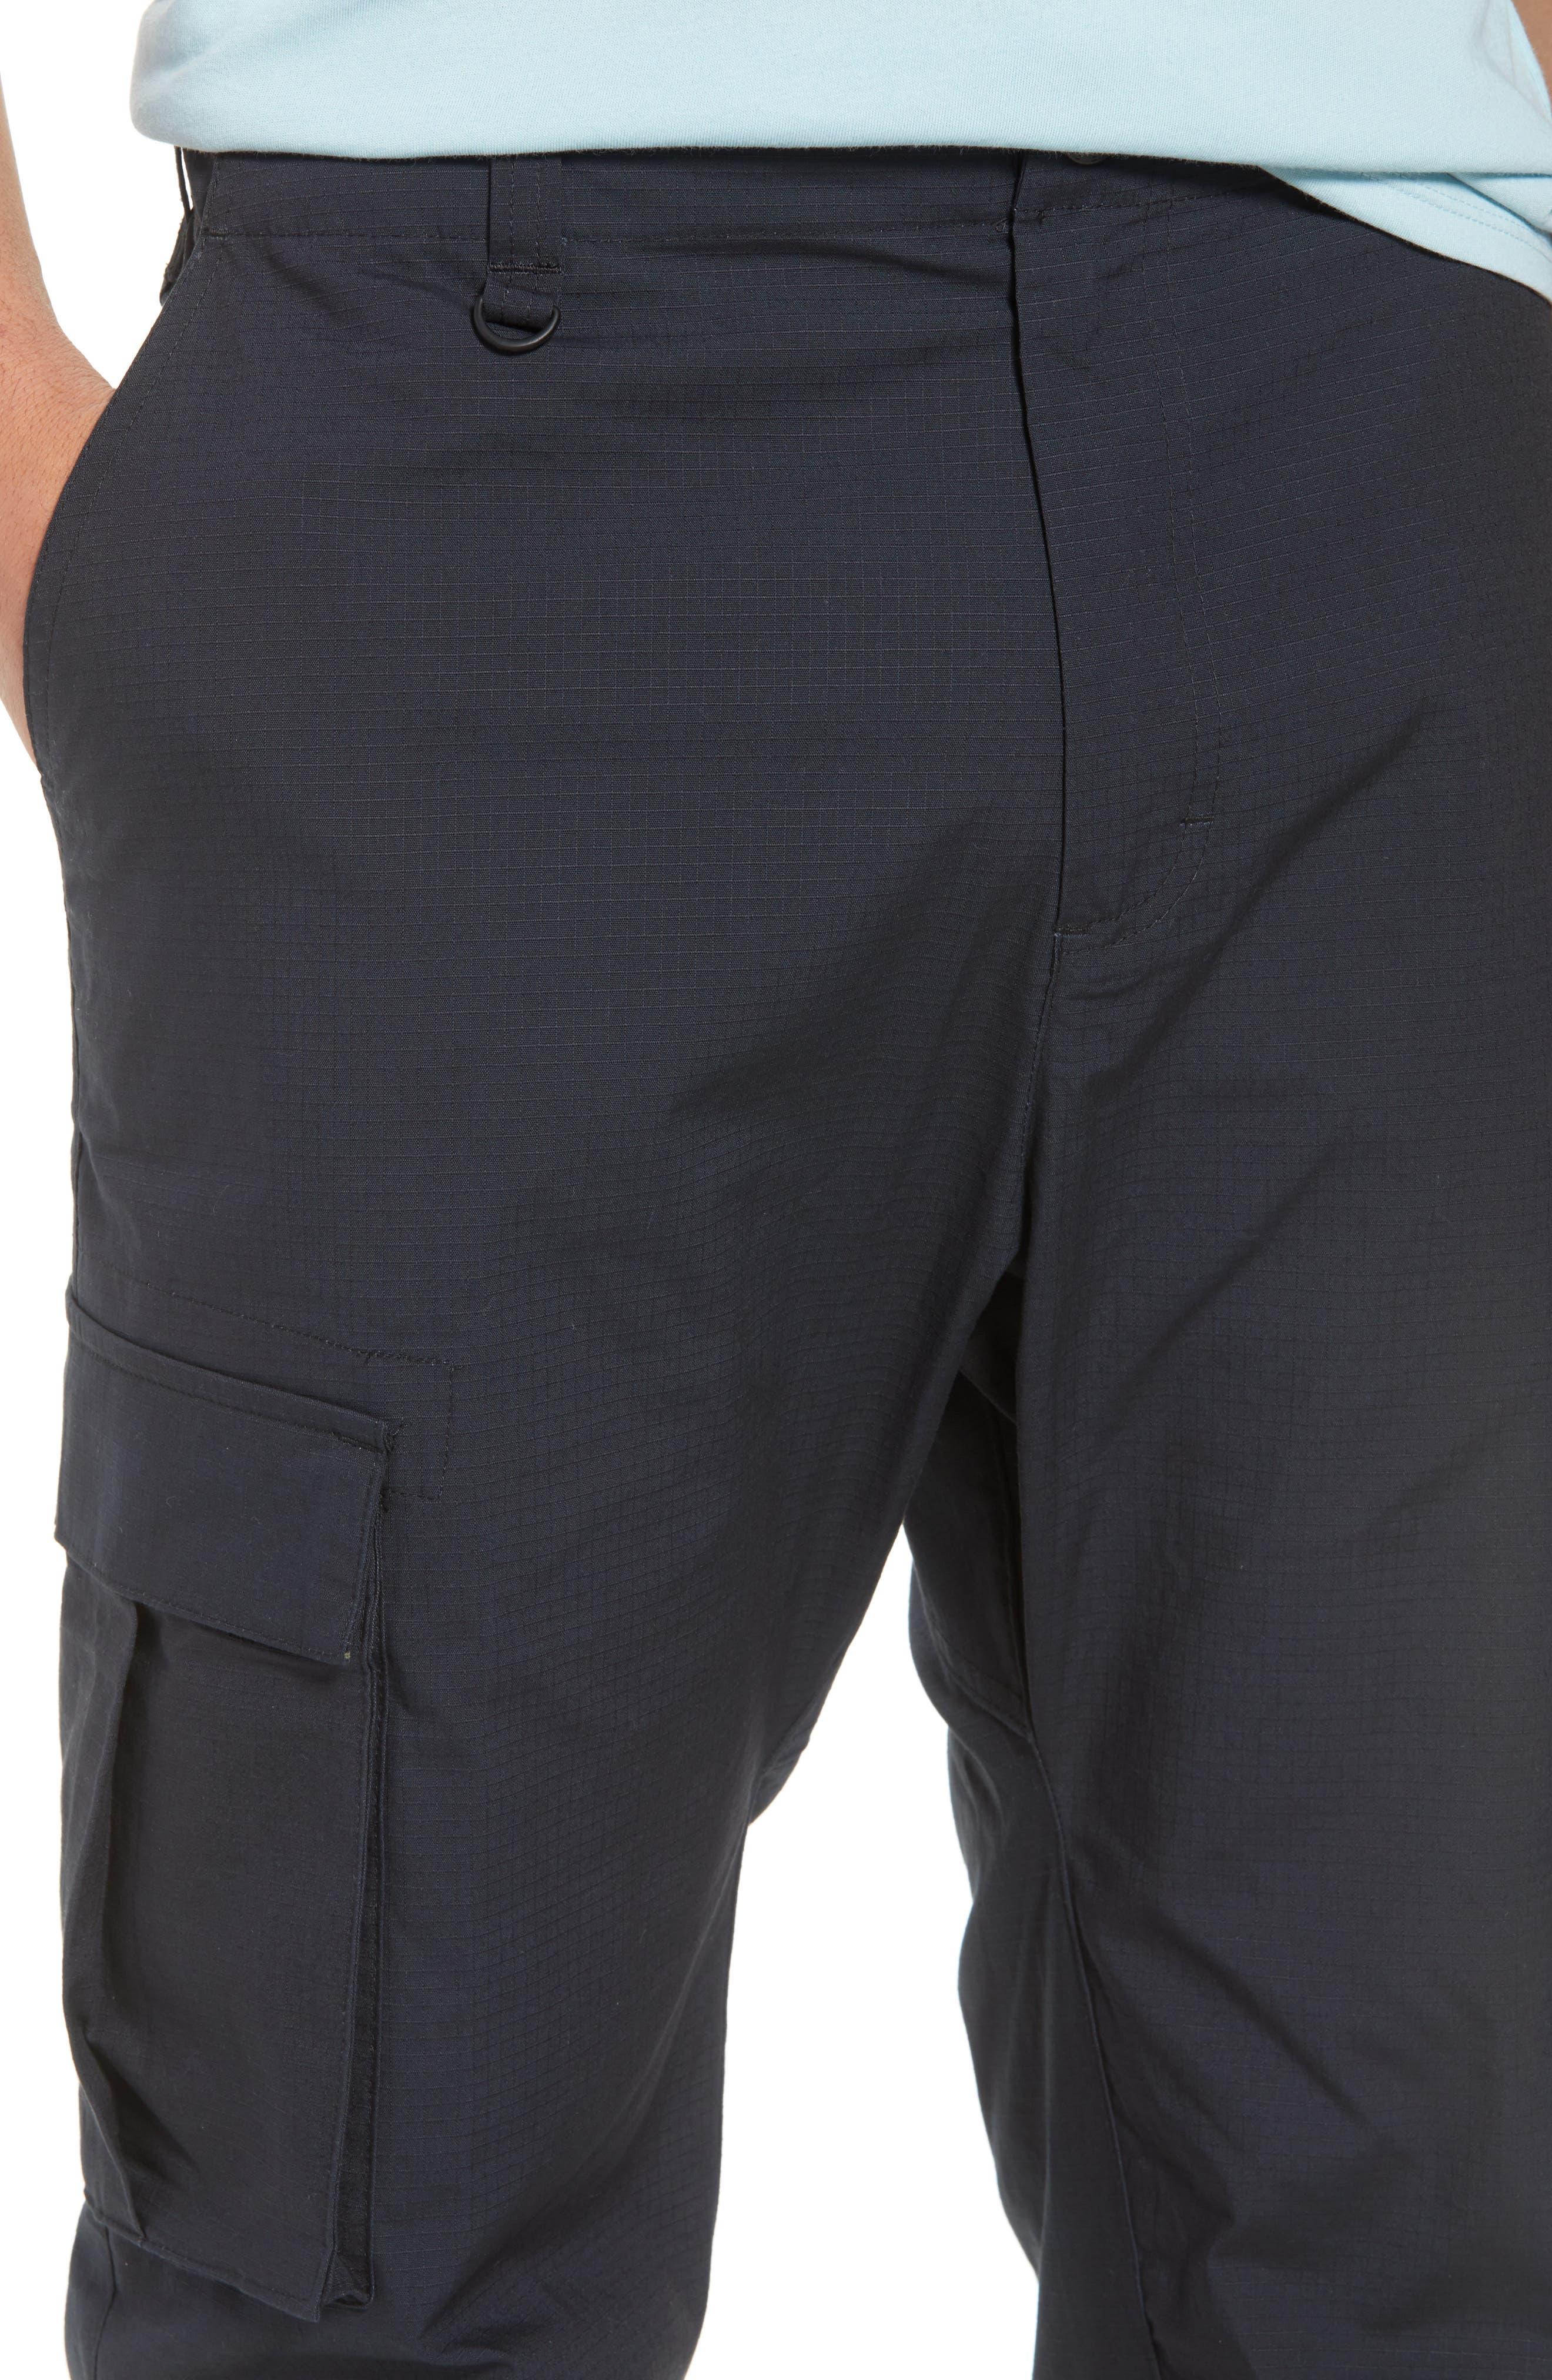 Flex Cargo Pants,                             Alternate thumbnail 4, color,                             BLACK